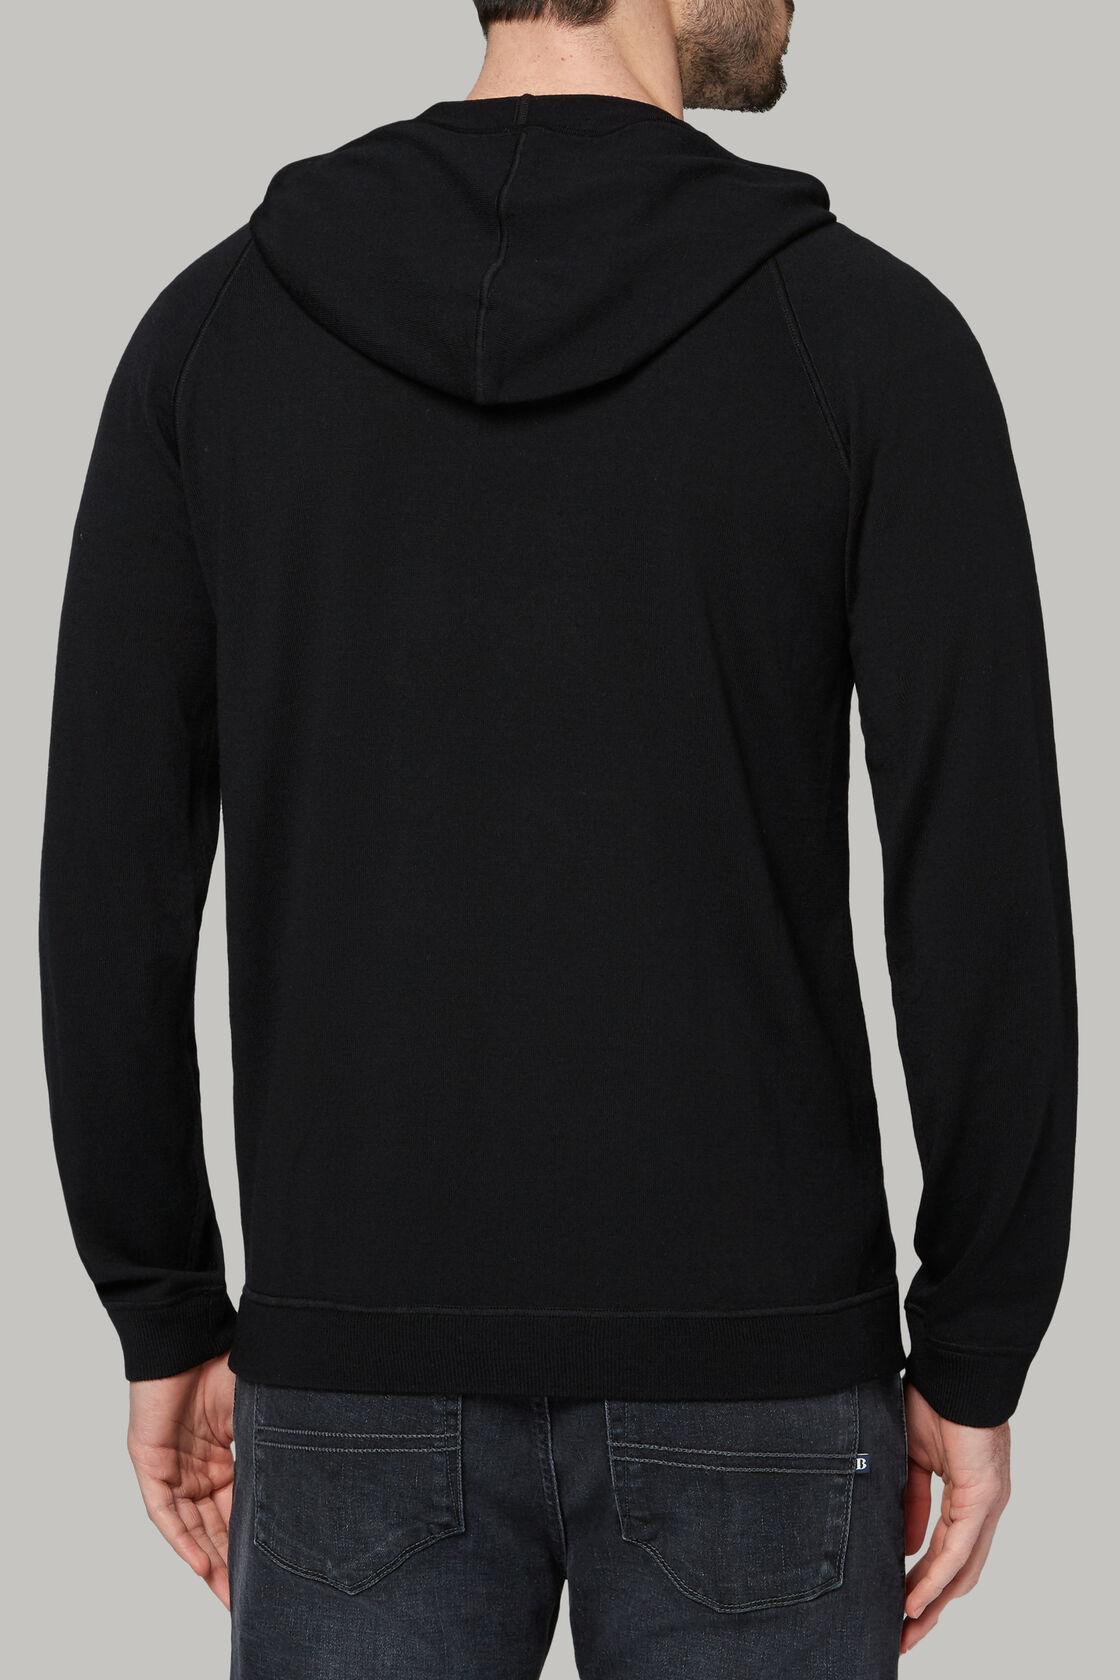 Schwarzer pullover mit durchgehendem reissverschluss und kapuze aus wolle, Schwarz, hi-res